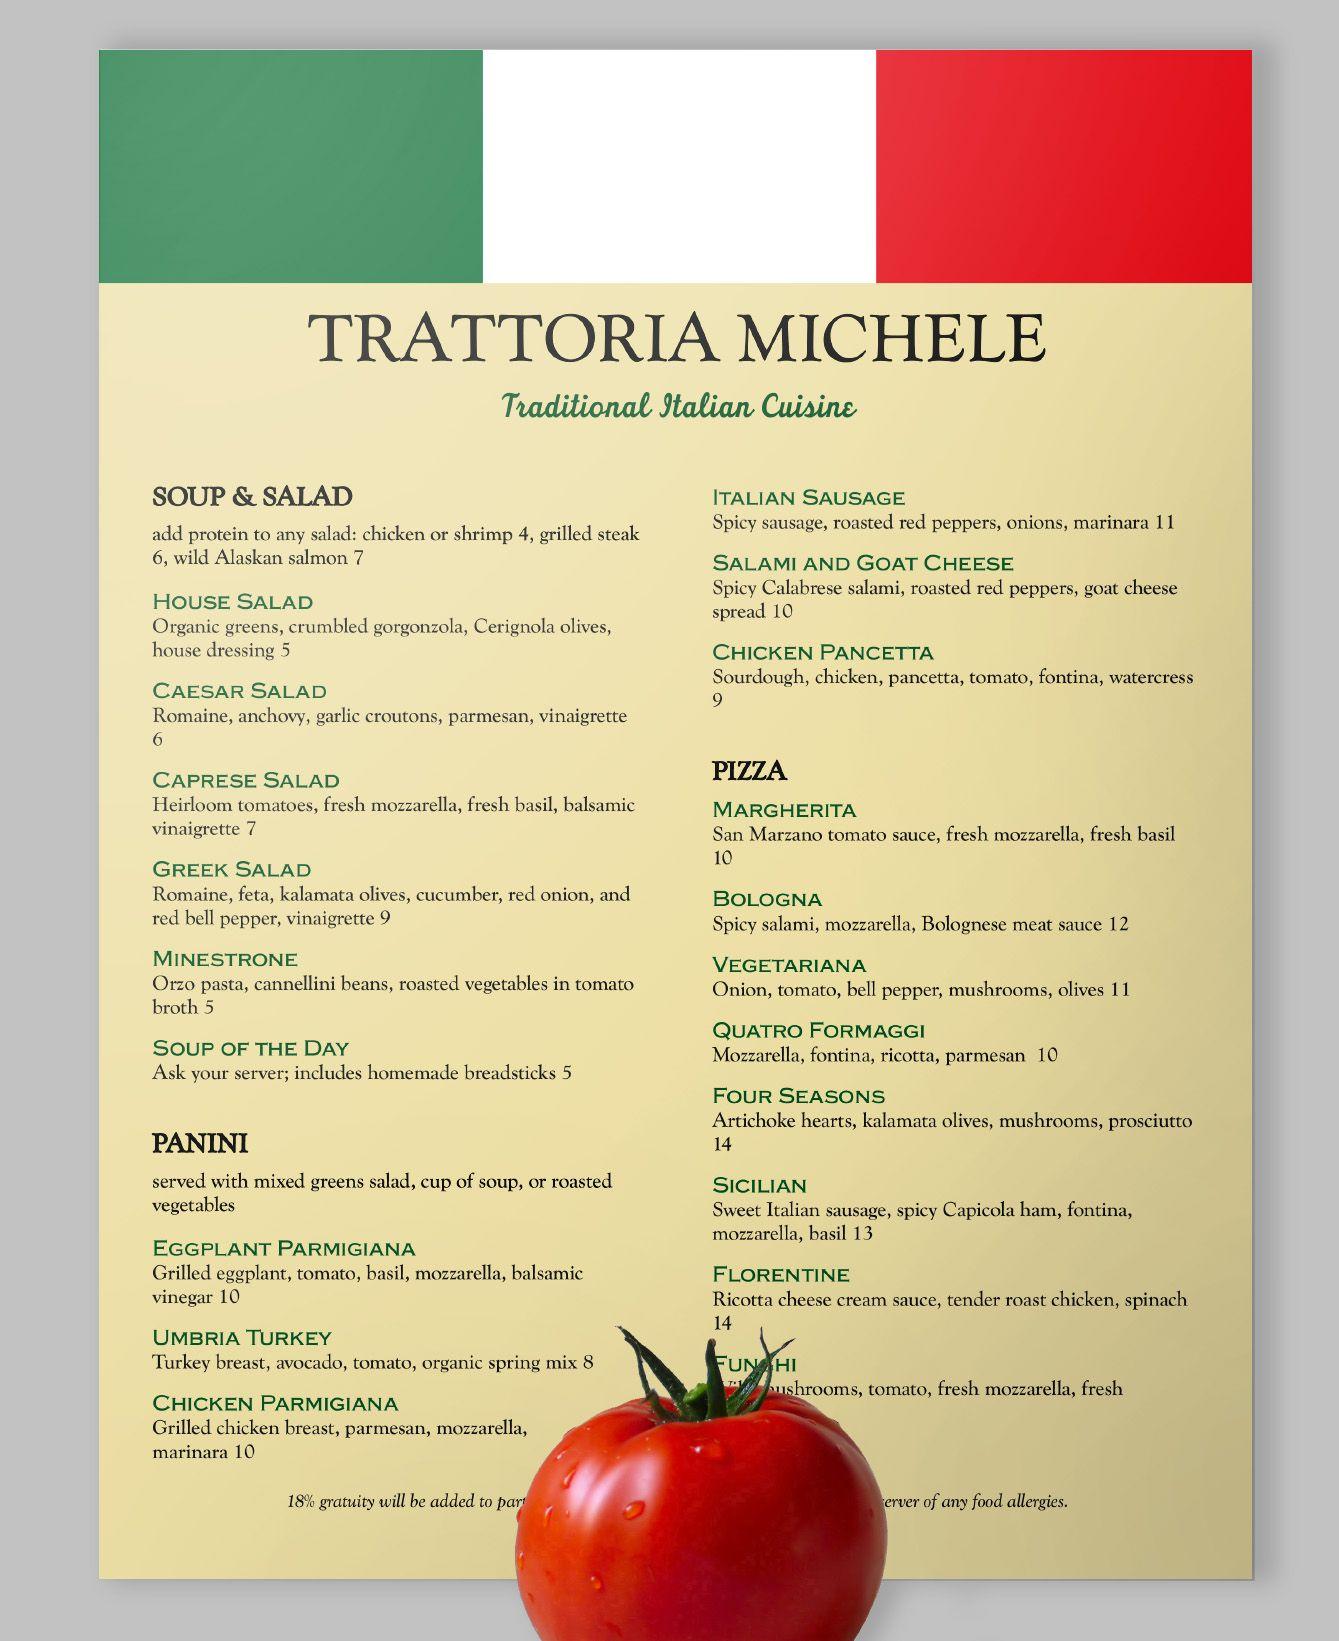 Viva Italia Loveyourmenu Italianfood Italy Vivaitalia Menu Menudesign Restaurant Italian Menu Menu Design Menu Restaurant